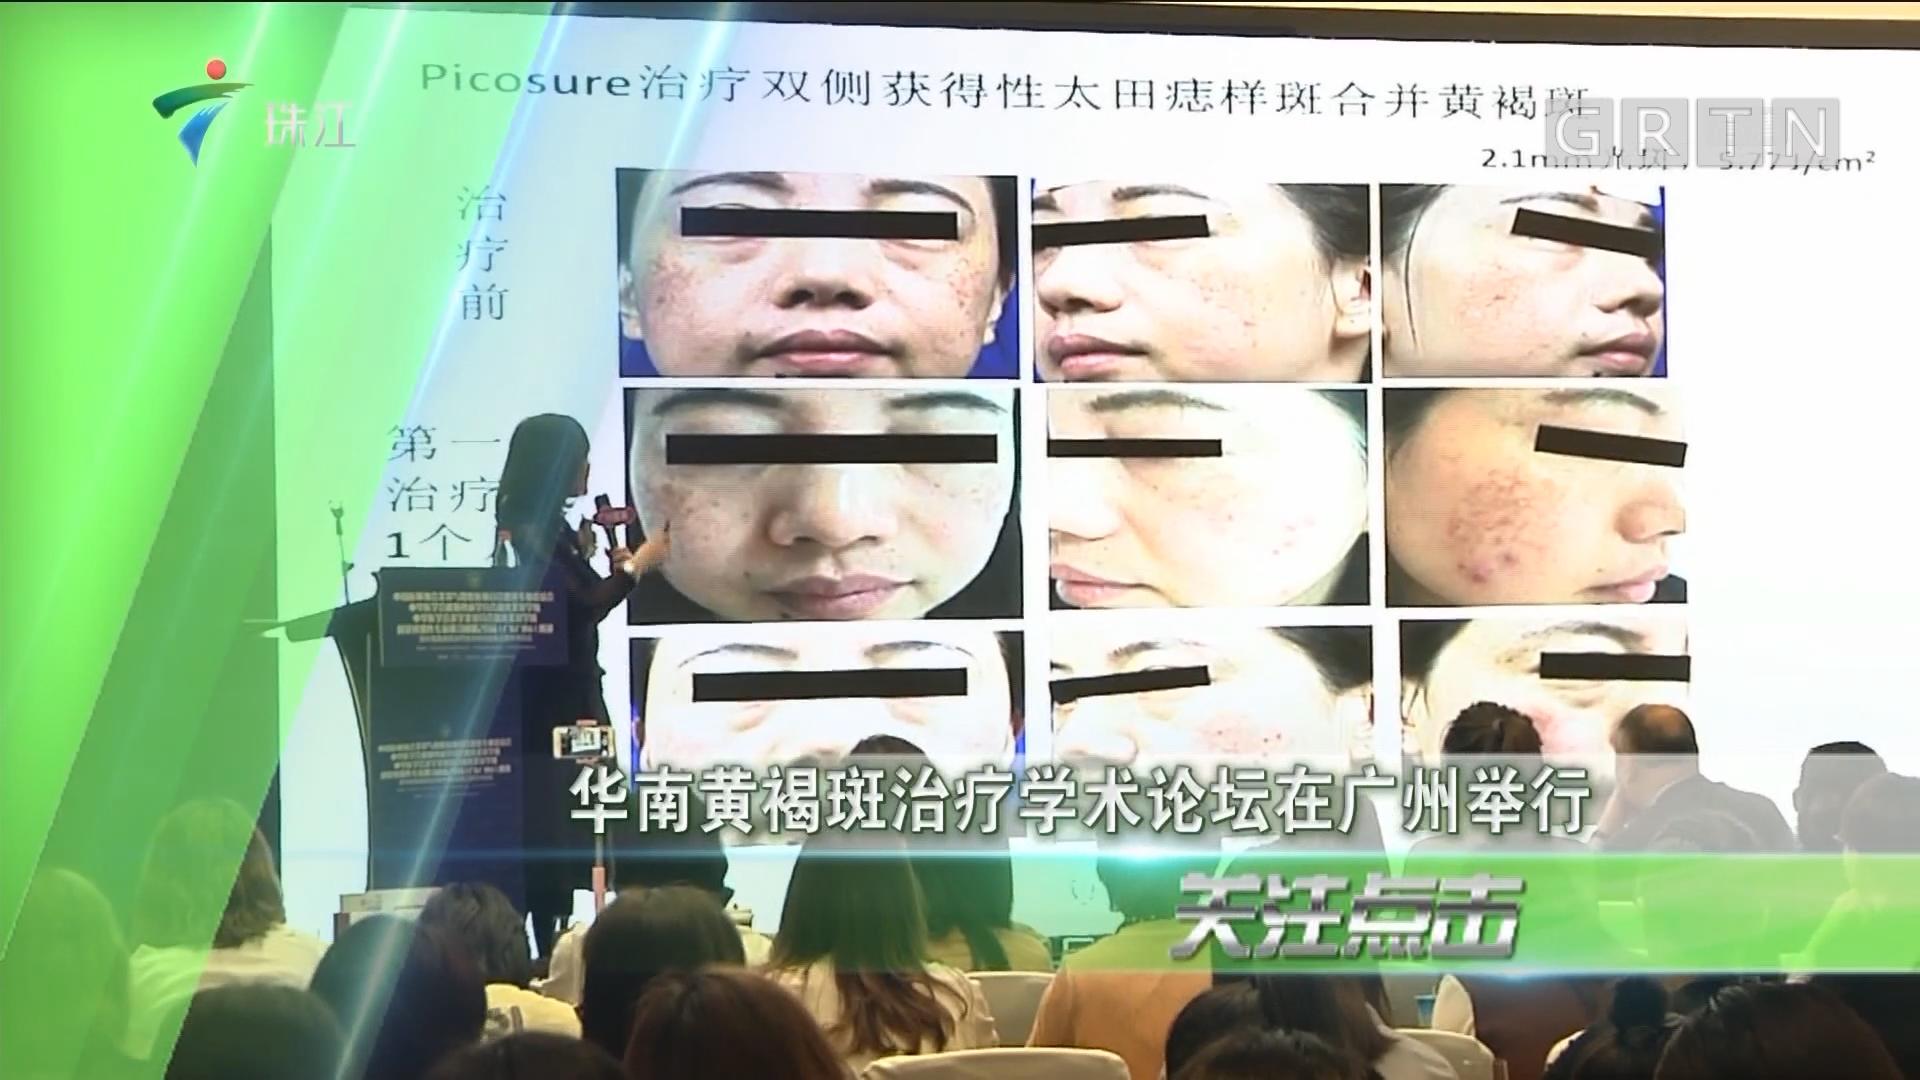 华南黄褐斑治疗学术论坛在广州举行